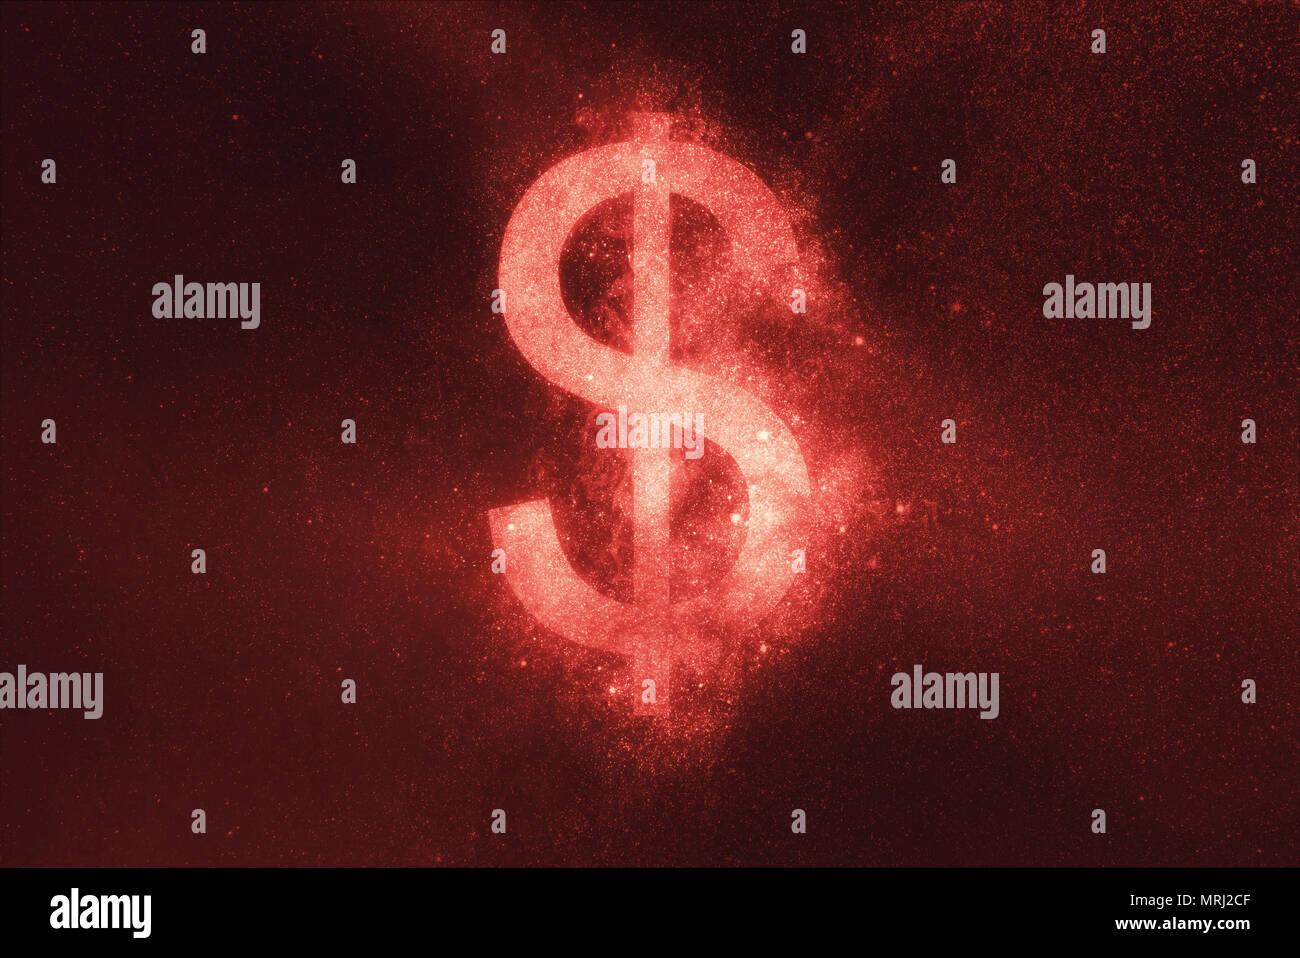 Il simbolo del dollaro, simbolo del dollaro. Abstract di notte sullo sfondo del cielo Immagini Stock